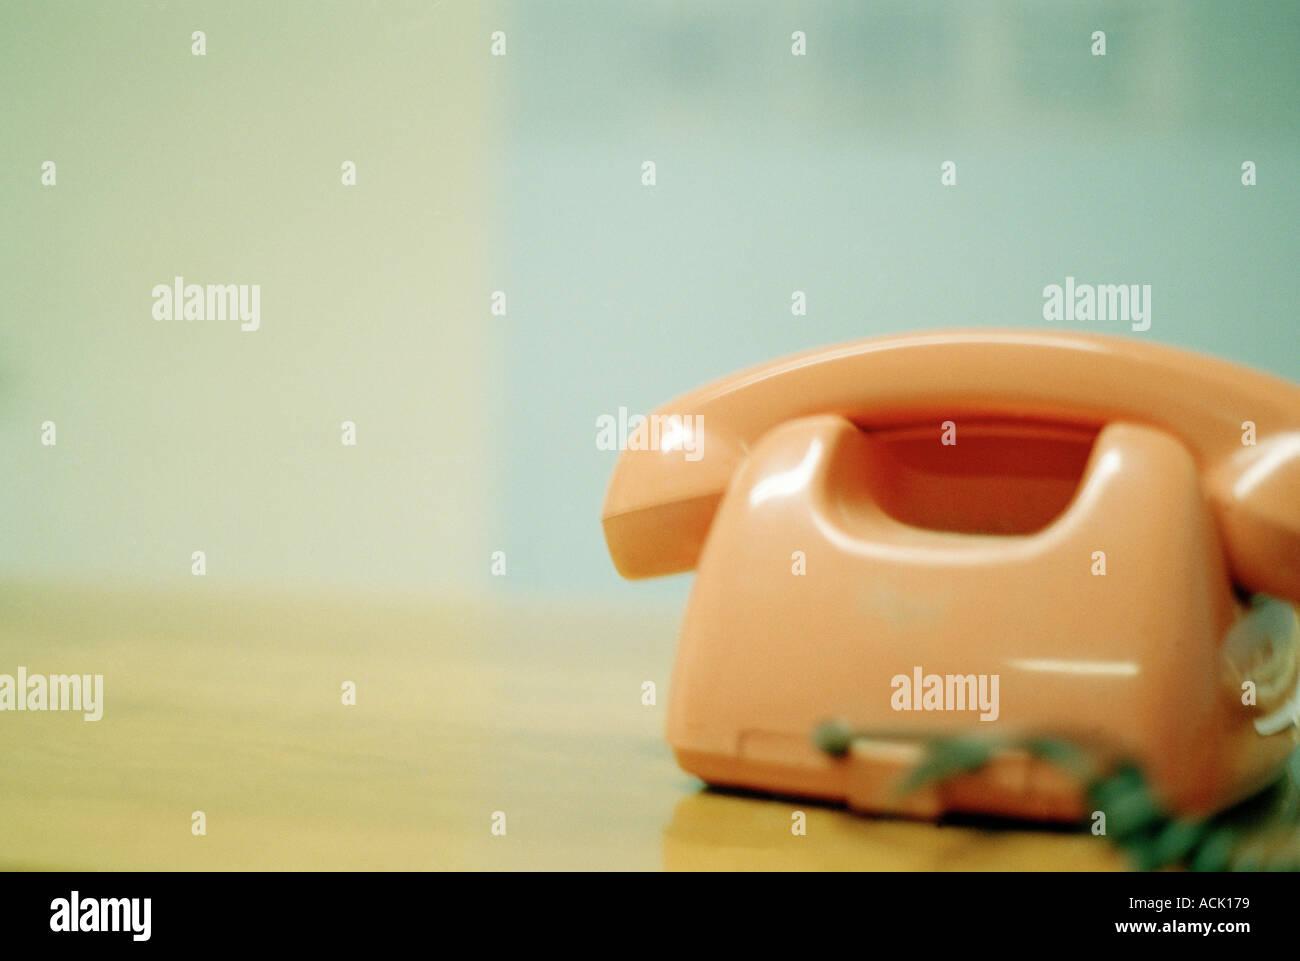 Ein Retro-Telefon ruht auf einem Tisch Stockbild